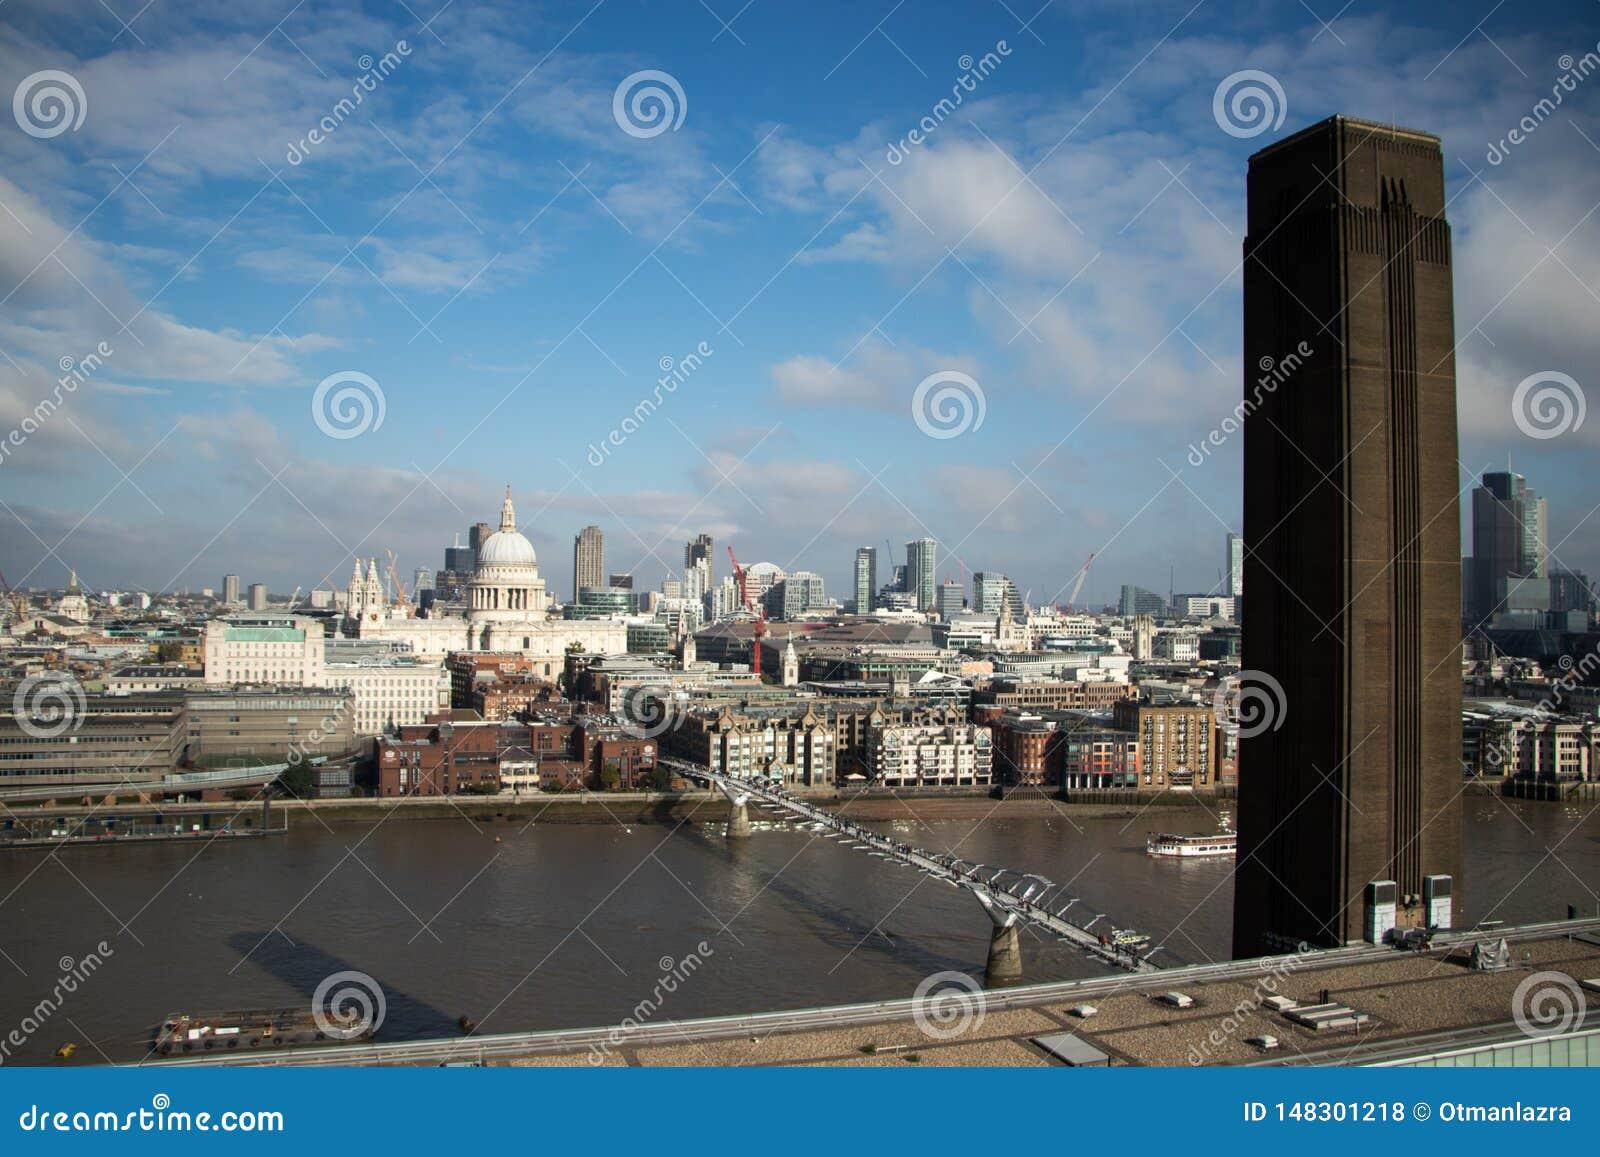 Ponte do milênio, St Pauls Cathedral e a cidade da vigia de Tate Modern